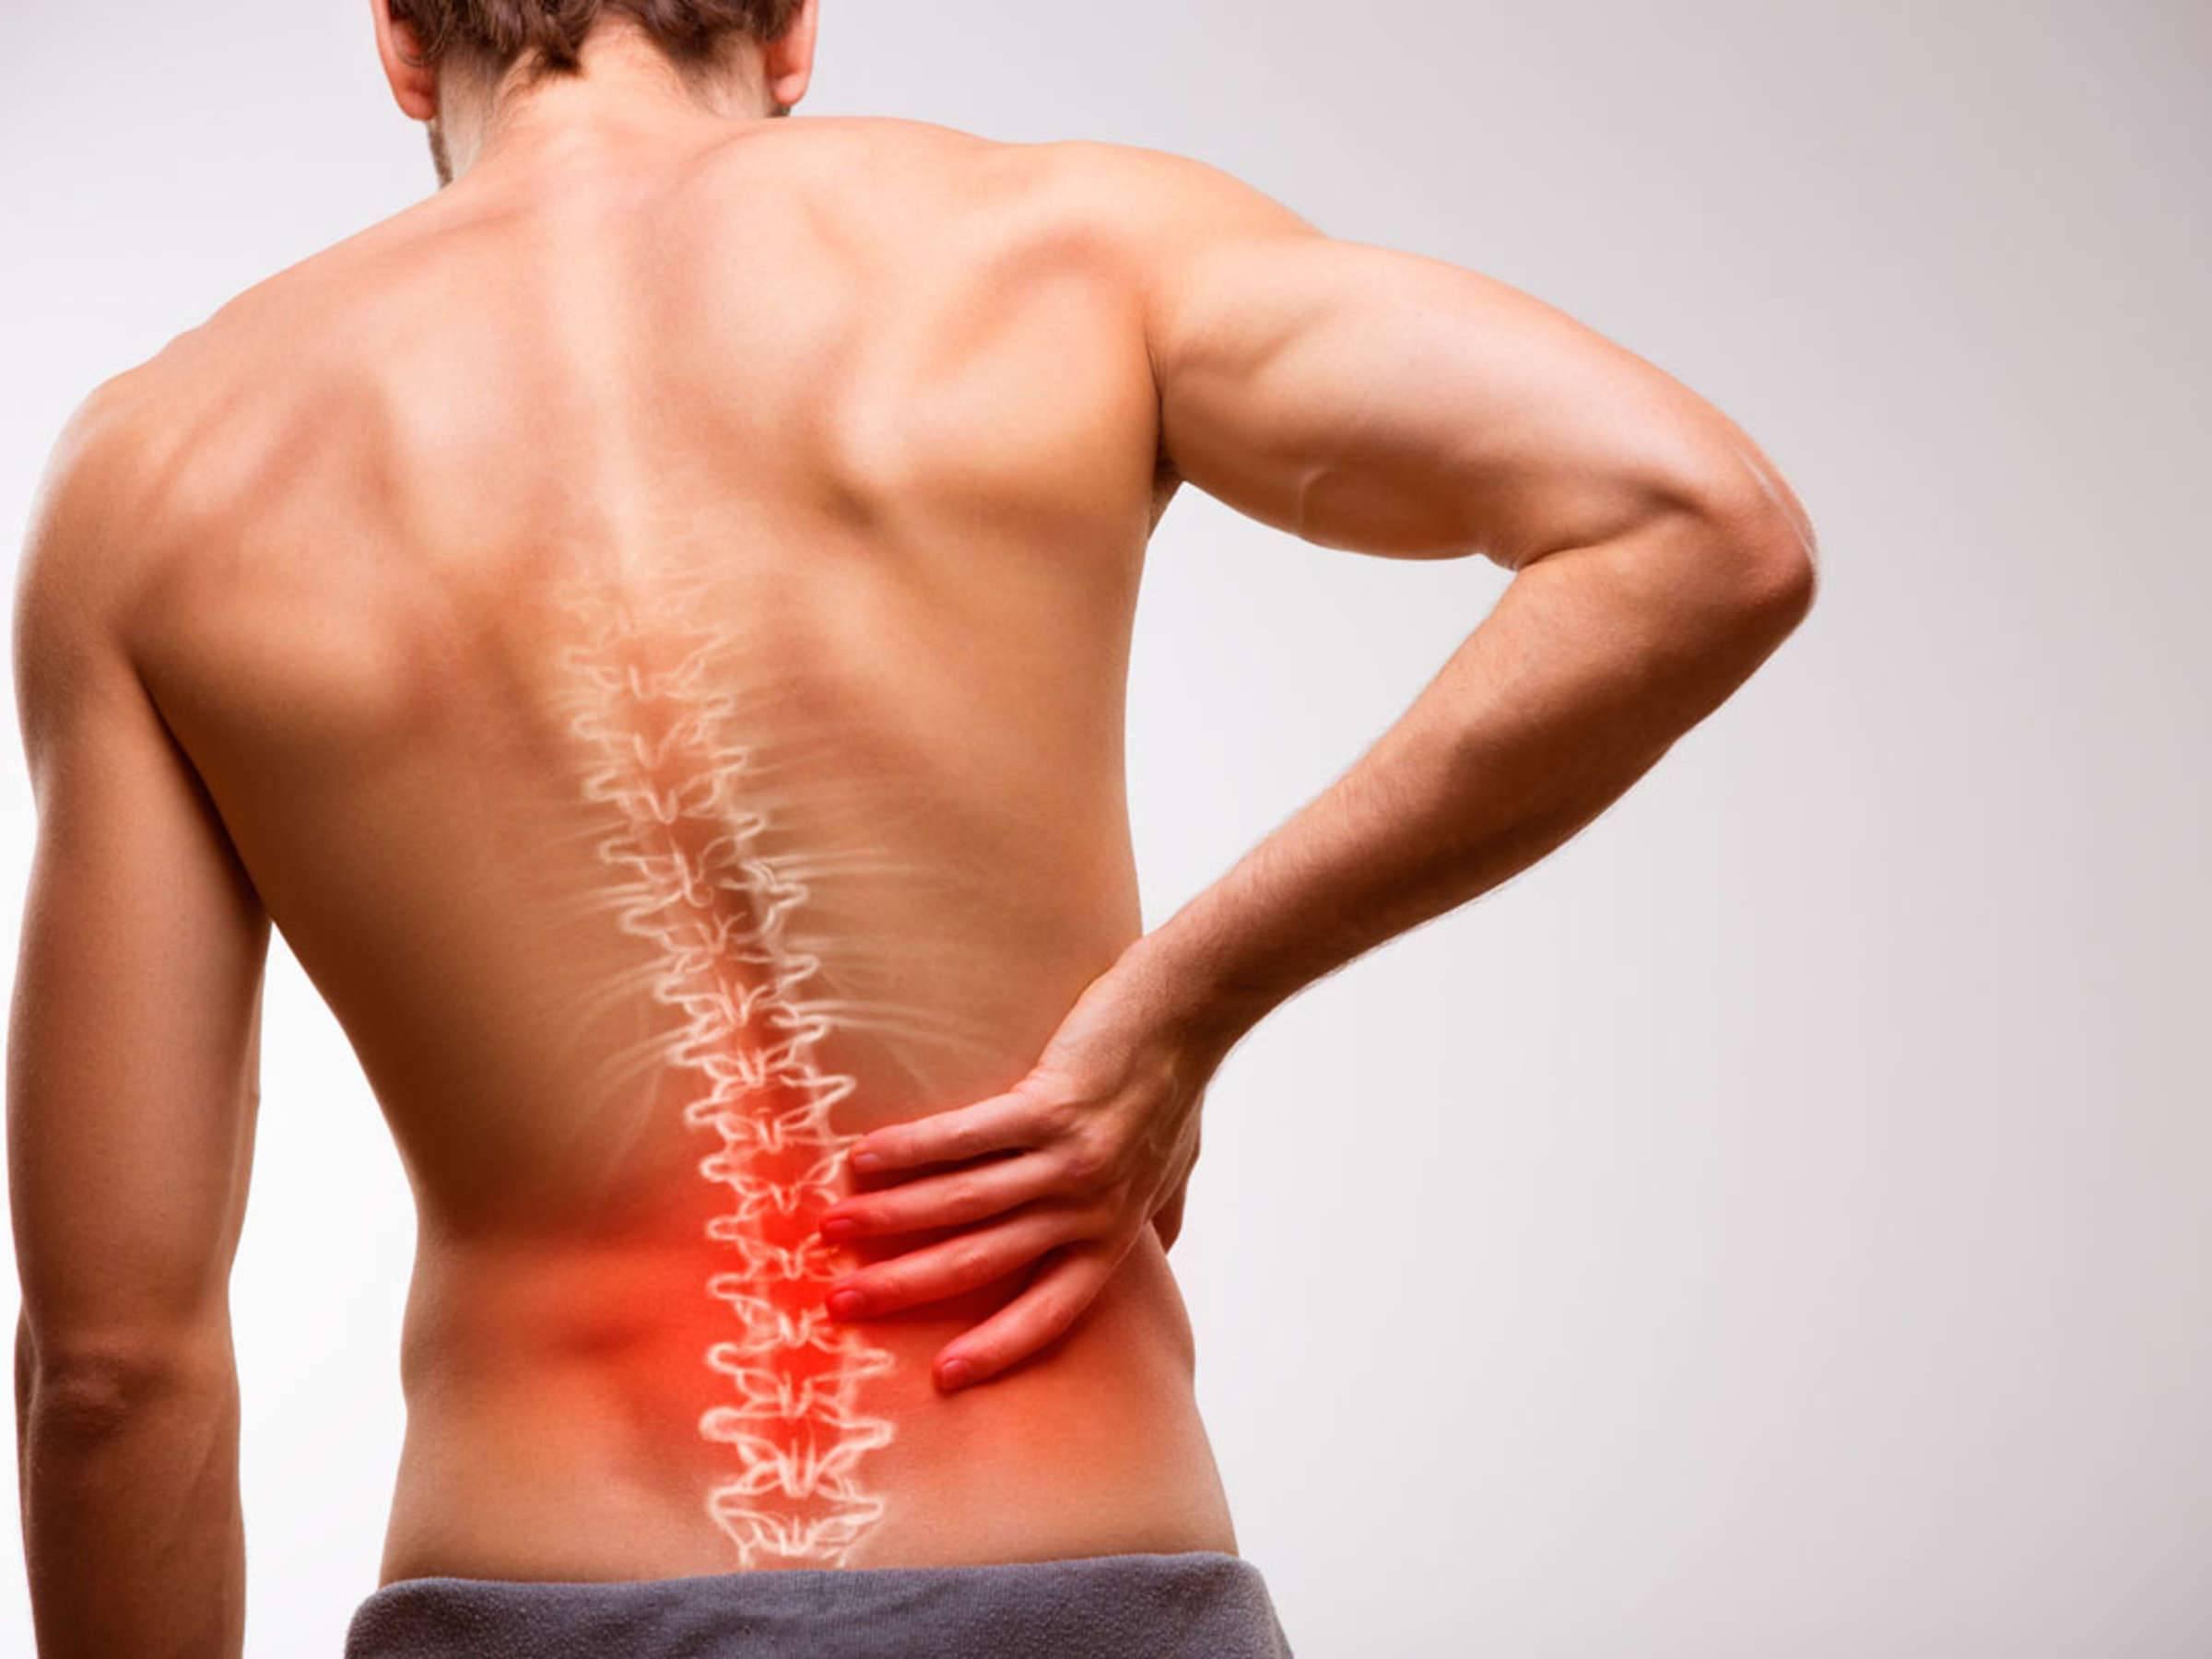 Рекомендации для больных, перенесших операцию по удалению грыжи межпозвонкового диска | центр дикуля